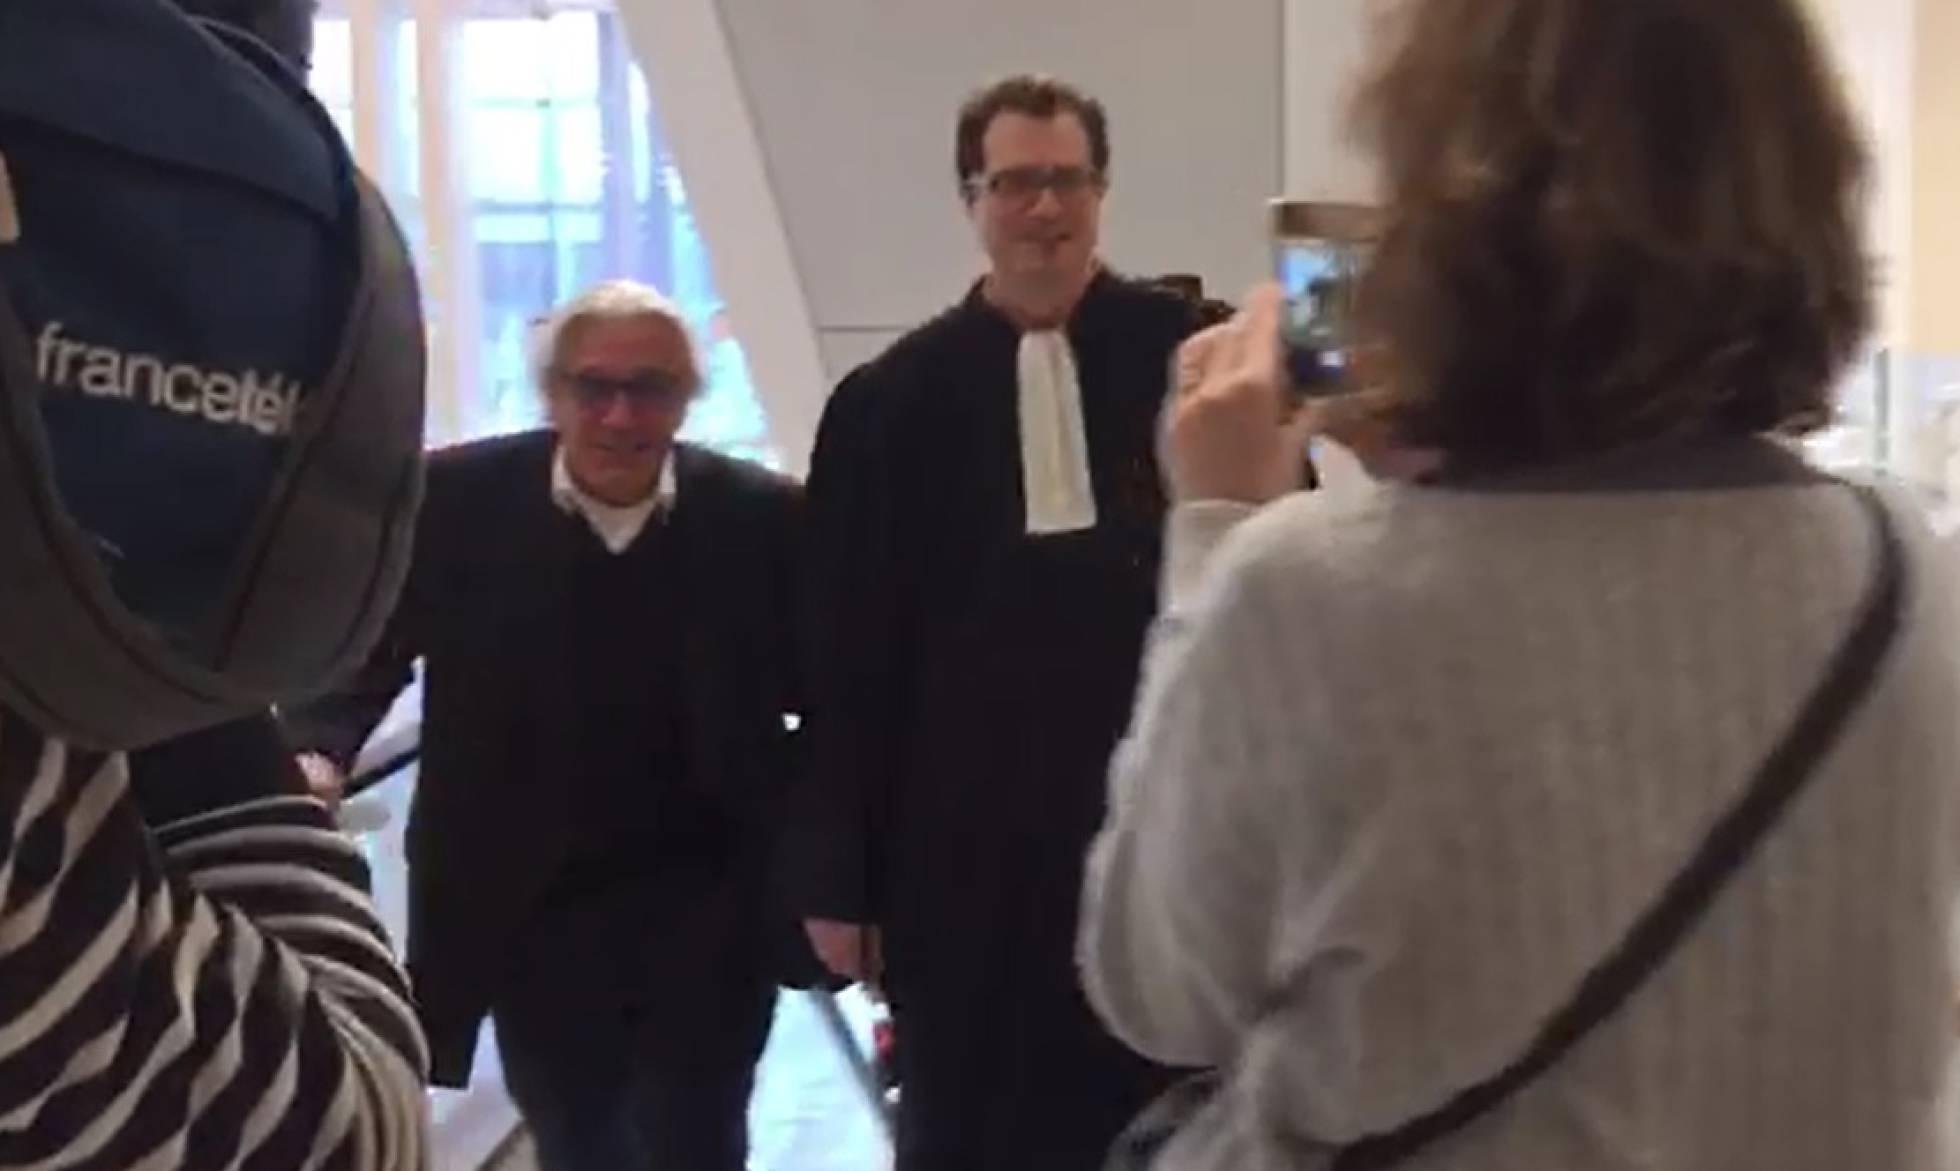 Jan Fasen, a la izquierda, llega al tribunal de París este lunes.